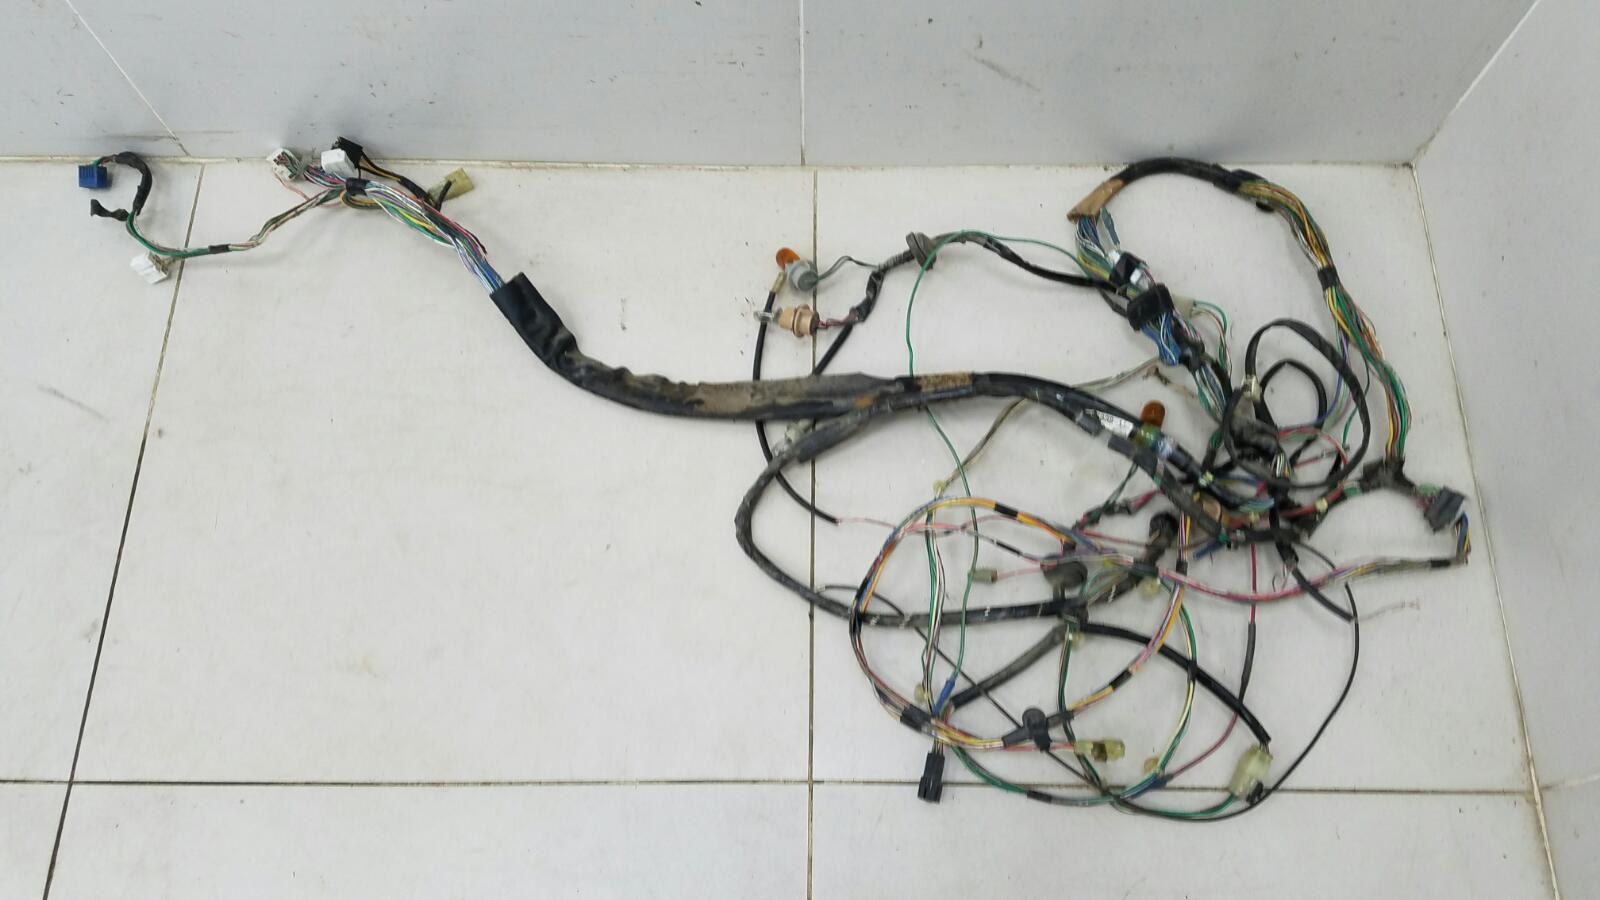 Проводка шлейф коса салона Daihatsu Storia M100S EJ 1Л 2003 задняя